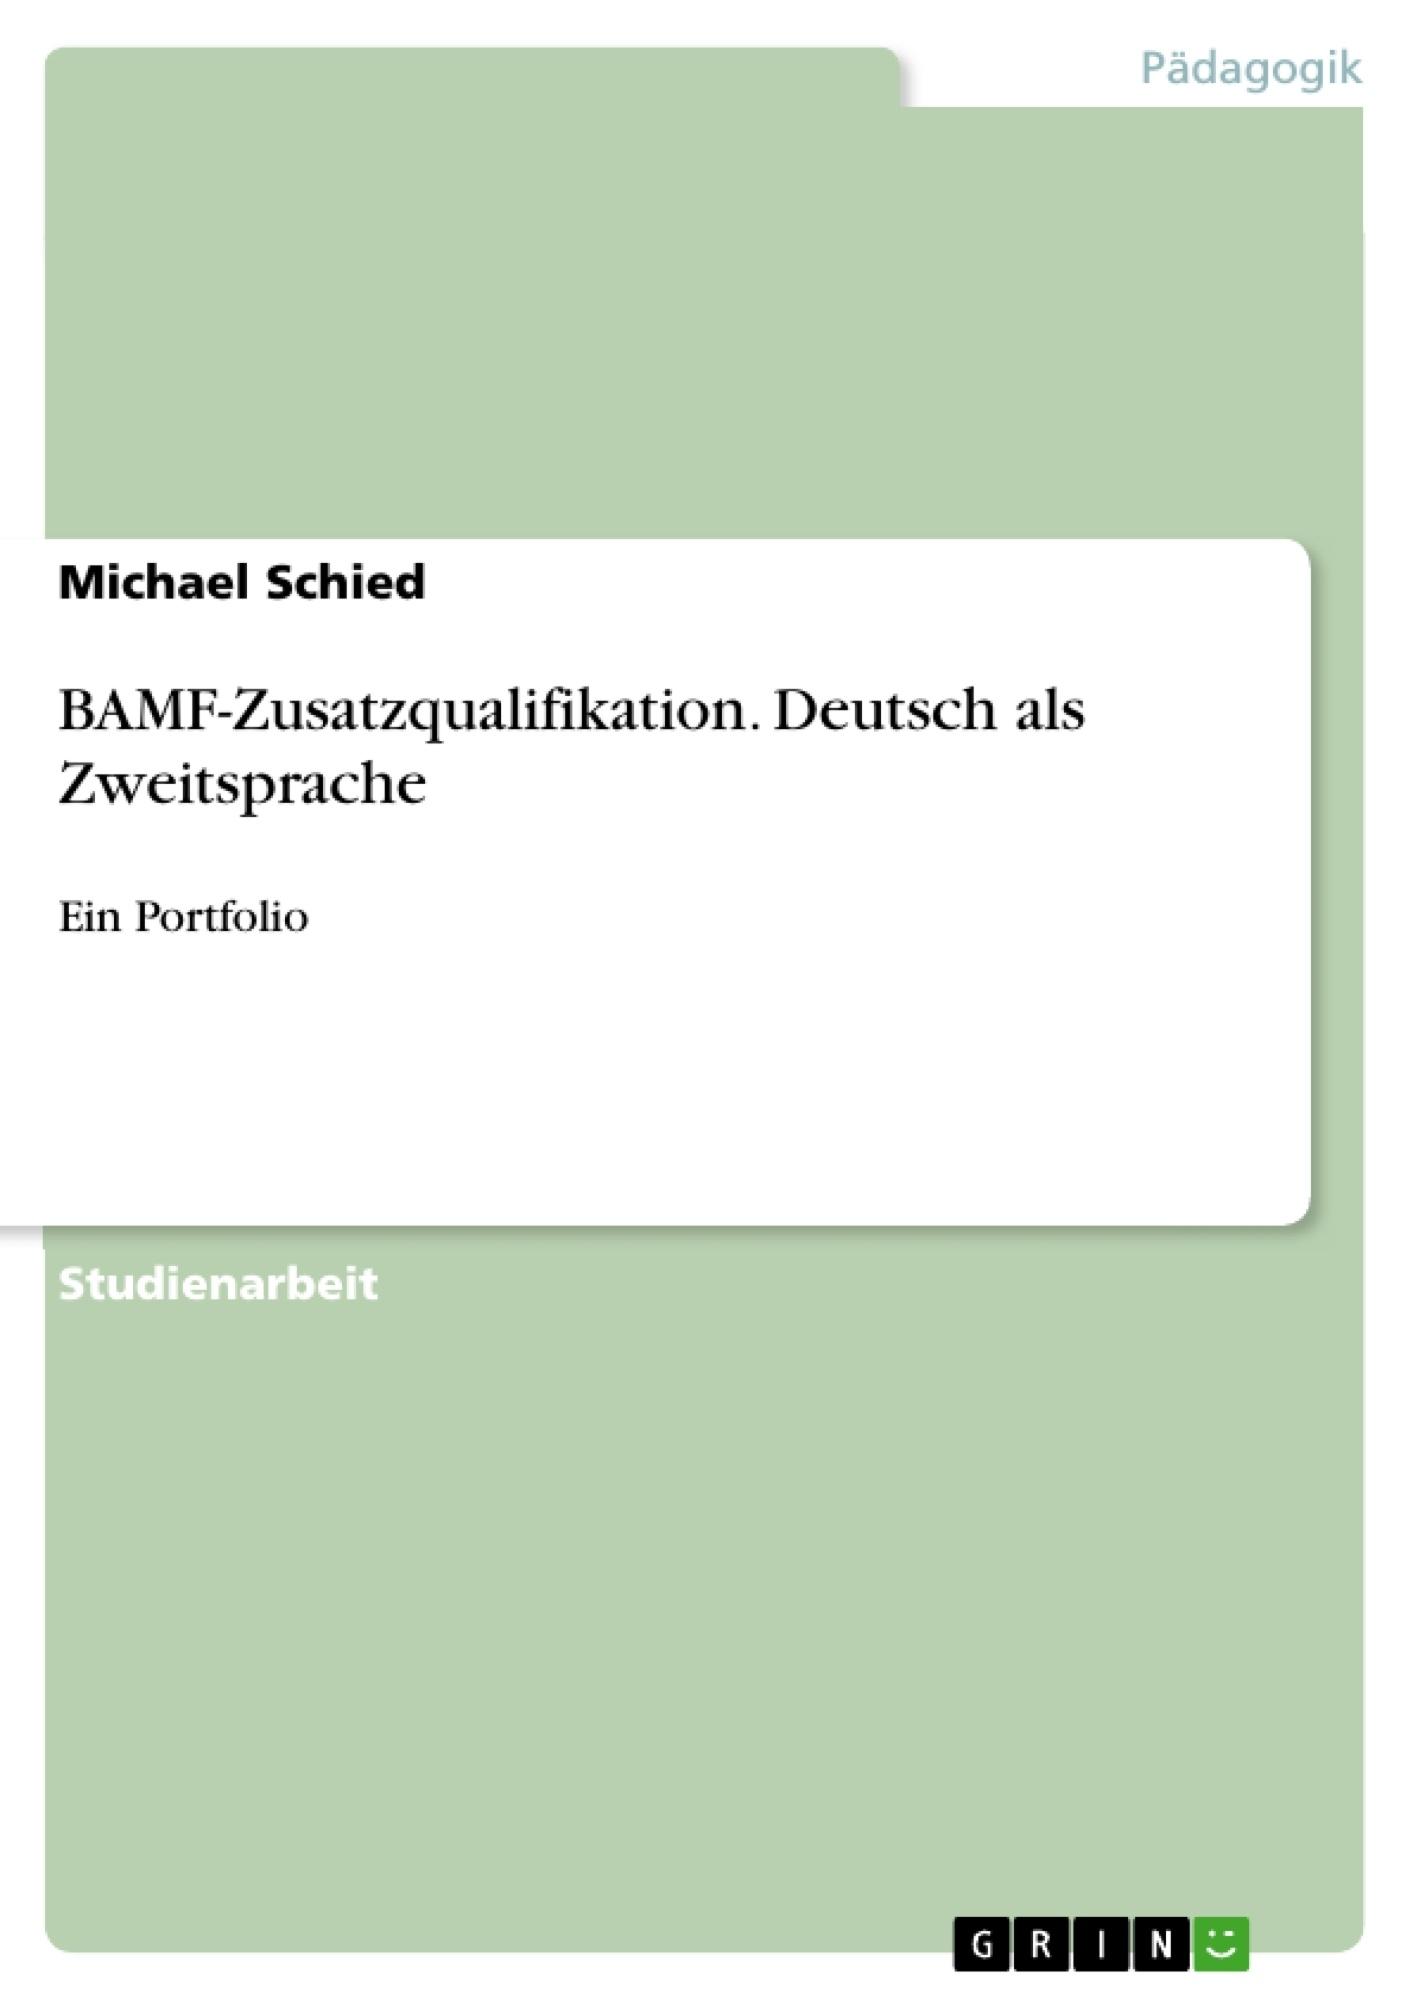 Titel: BAMF-Zusatzqualifikation. Deutsch als Zweitsprache